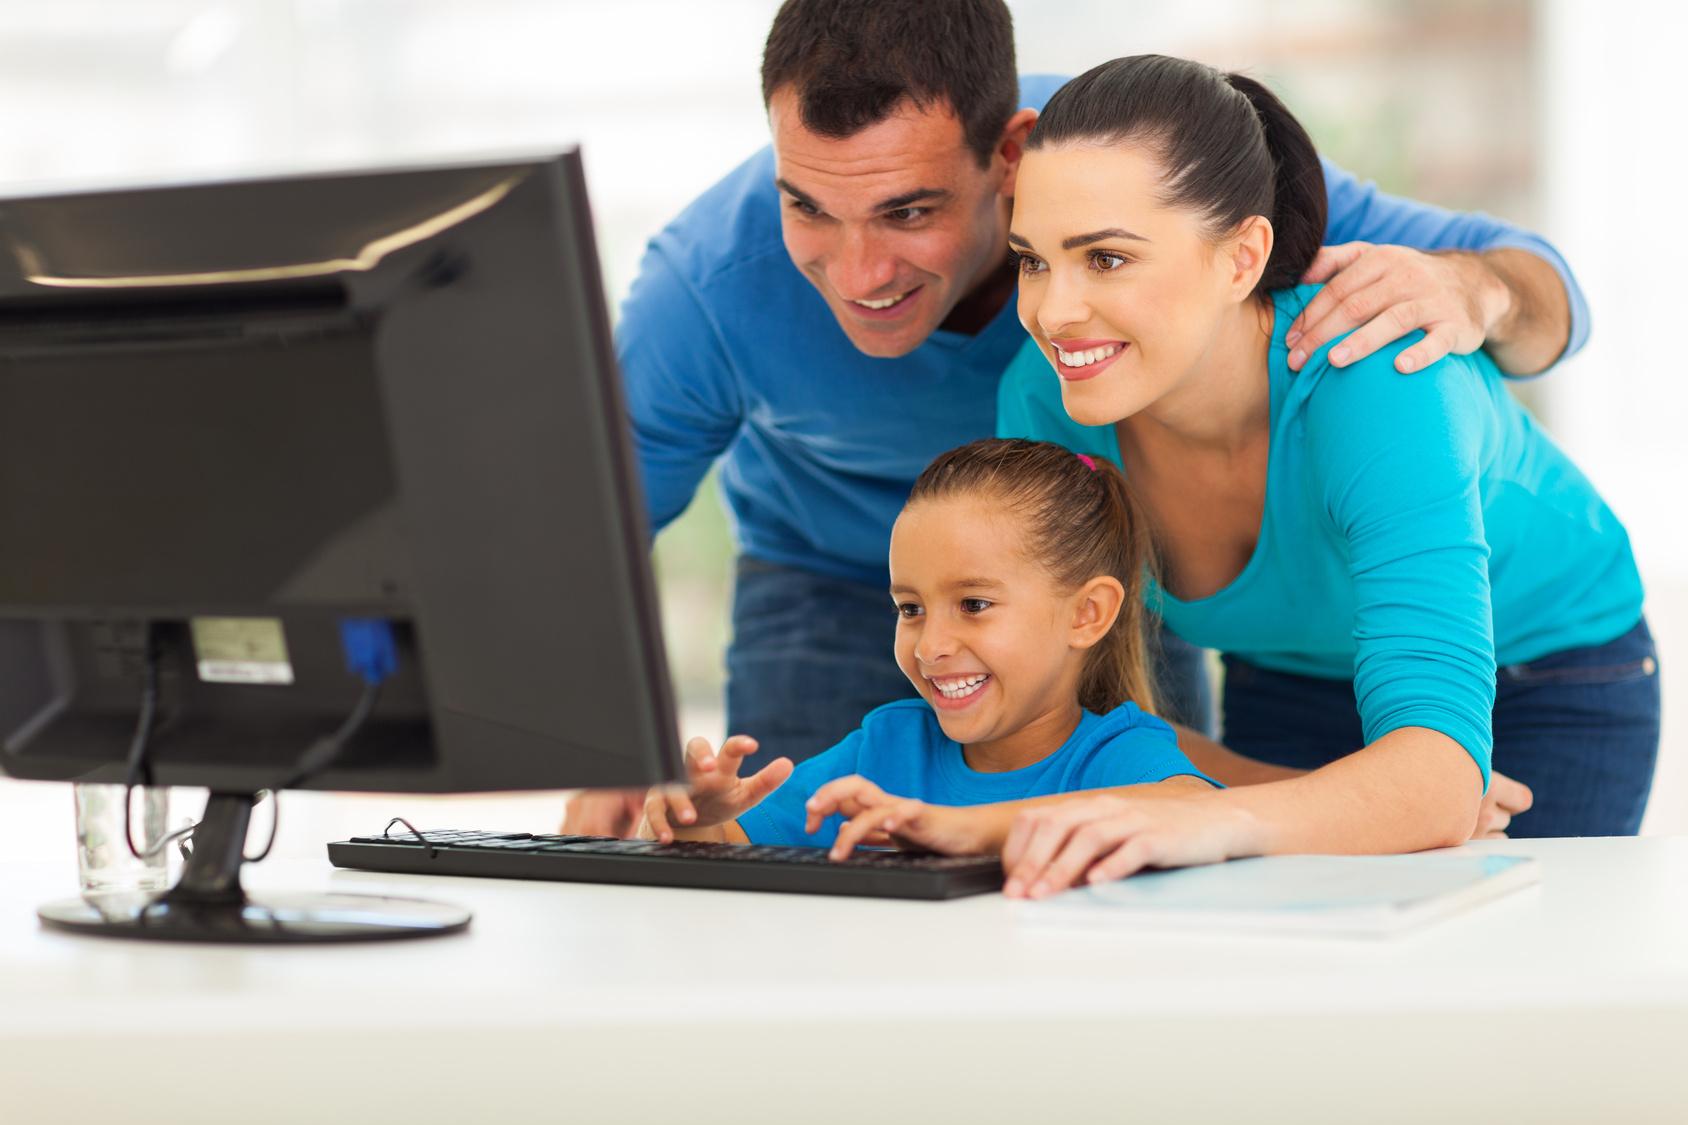 desktop PC, computer, desktop computer